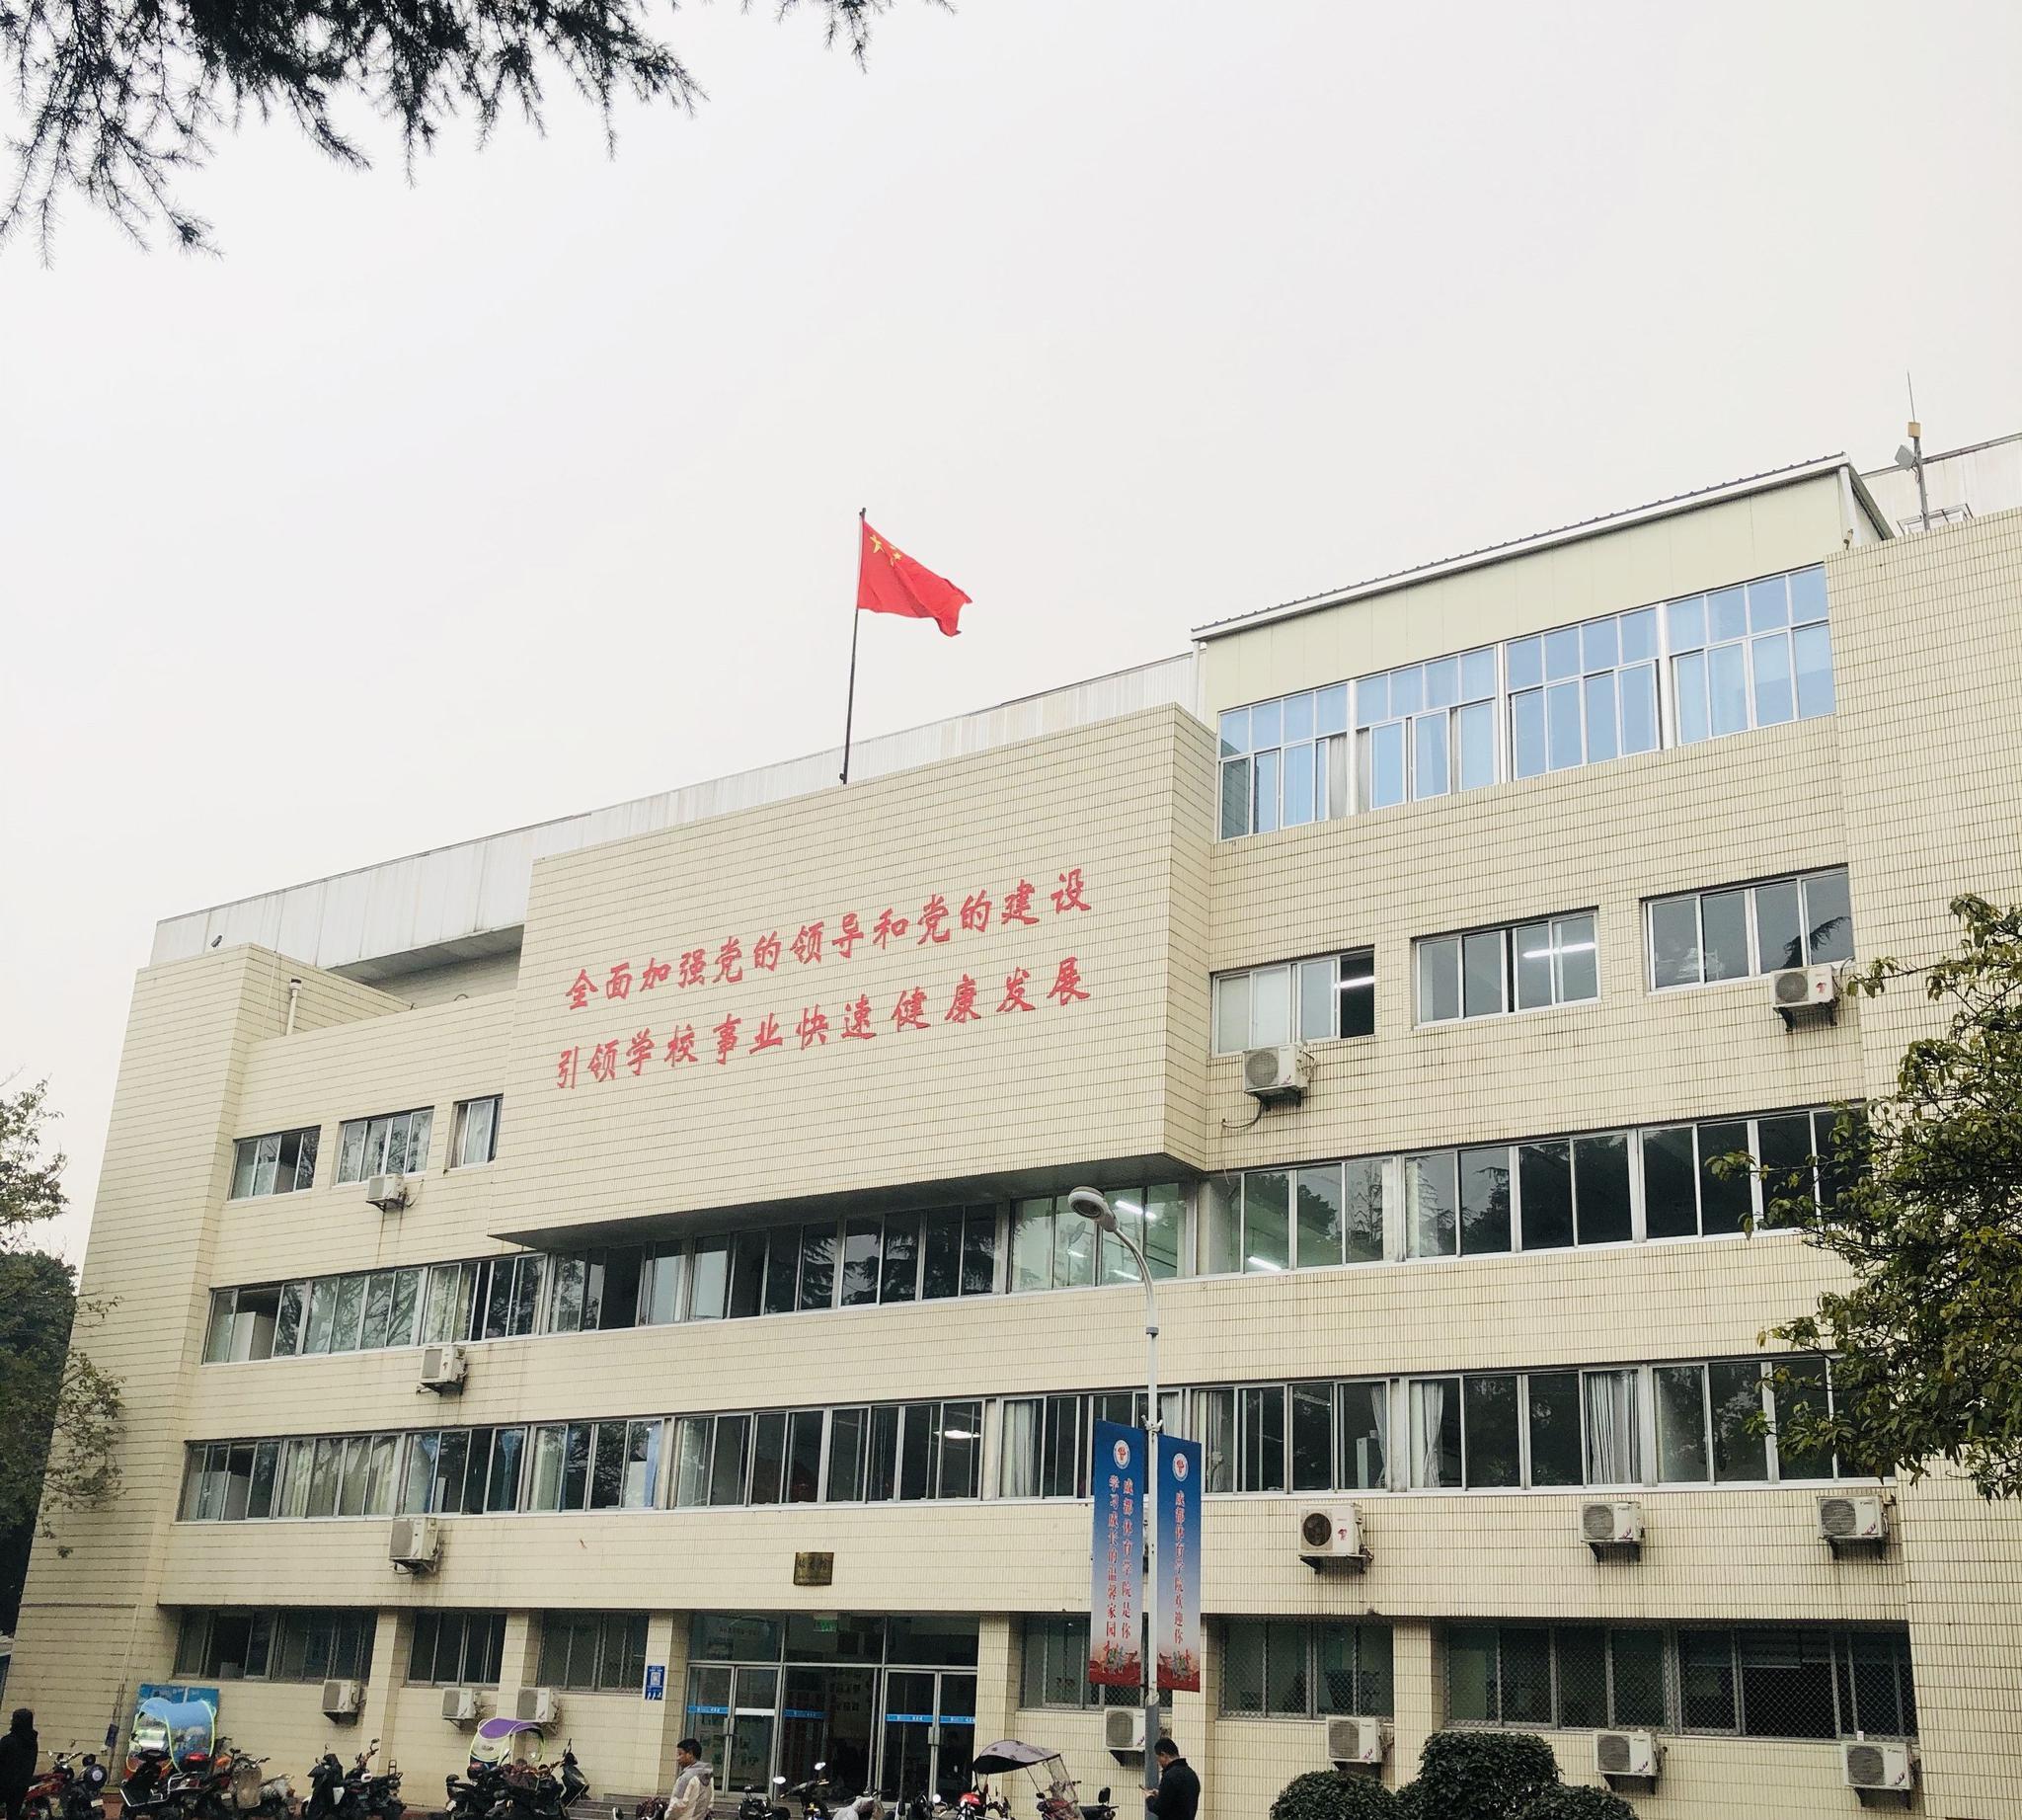 2020四川艺术类本科提前批录取结束 录取人数较去年增加19.56